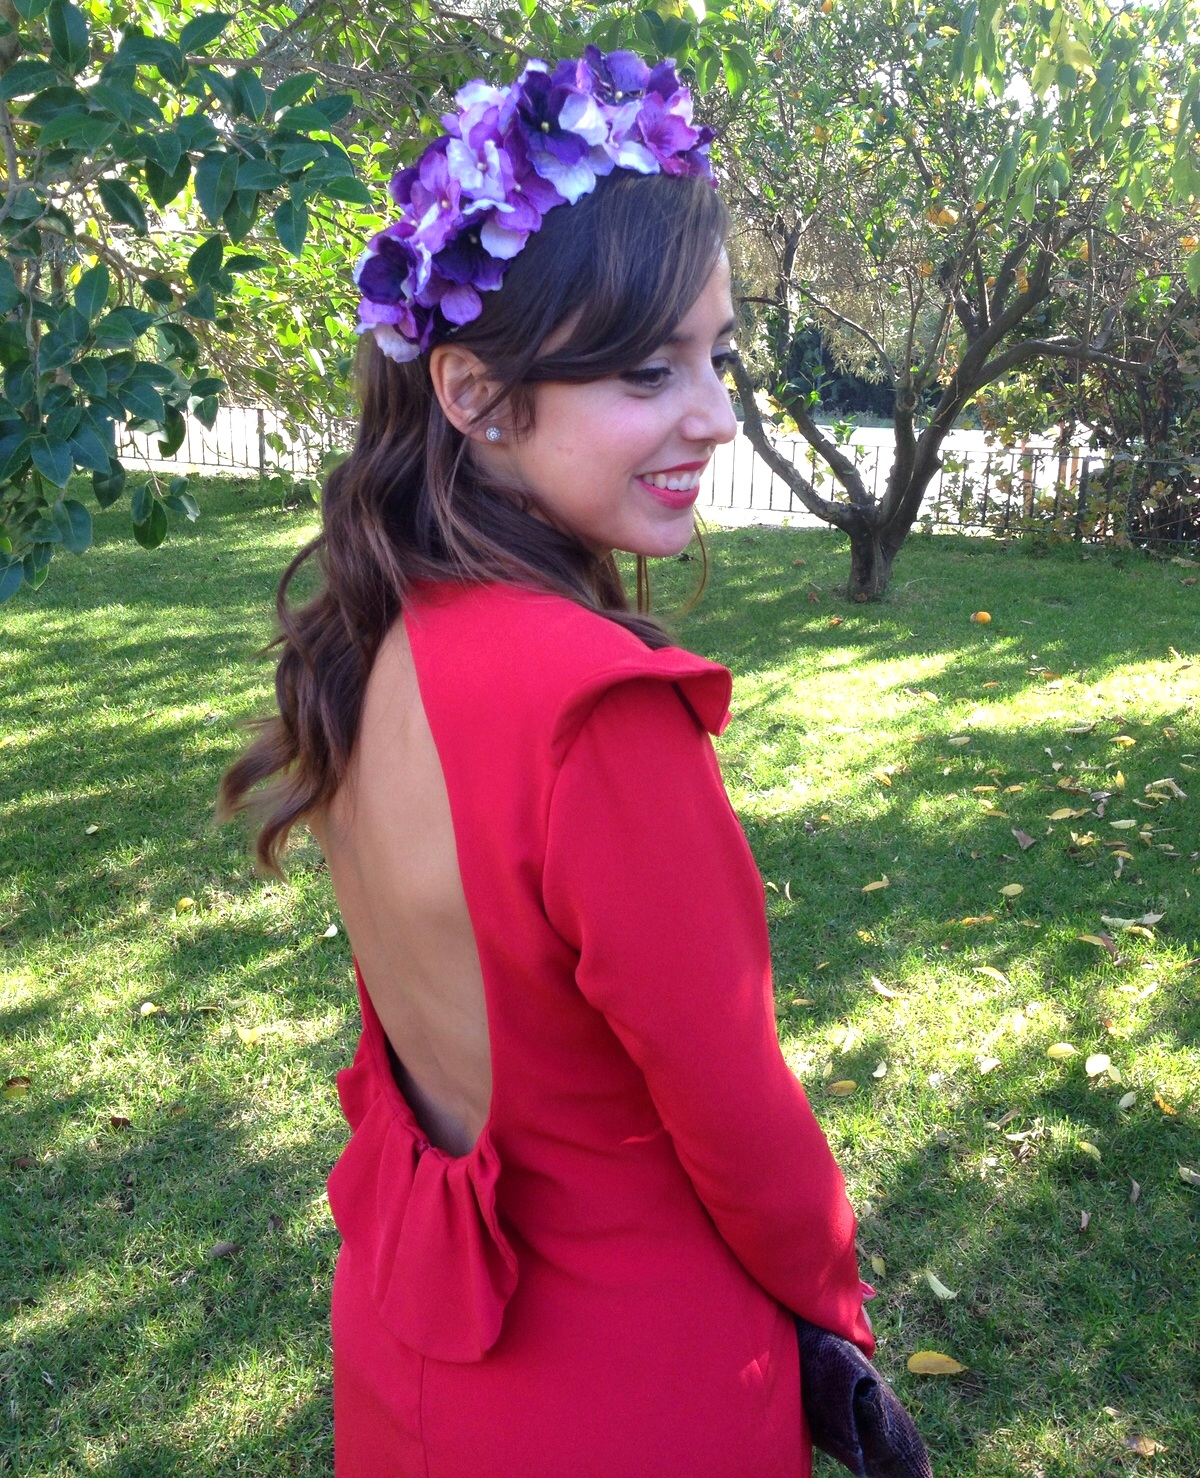 invitada de boda con look de lamasmona.com